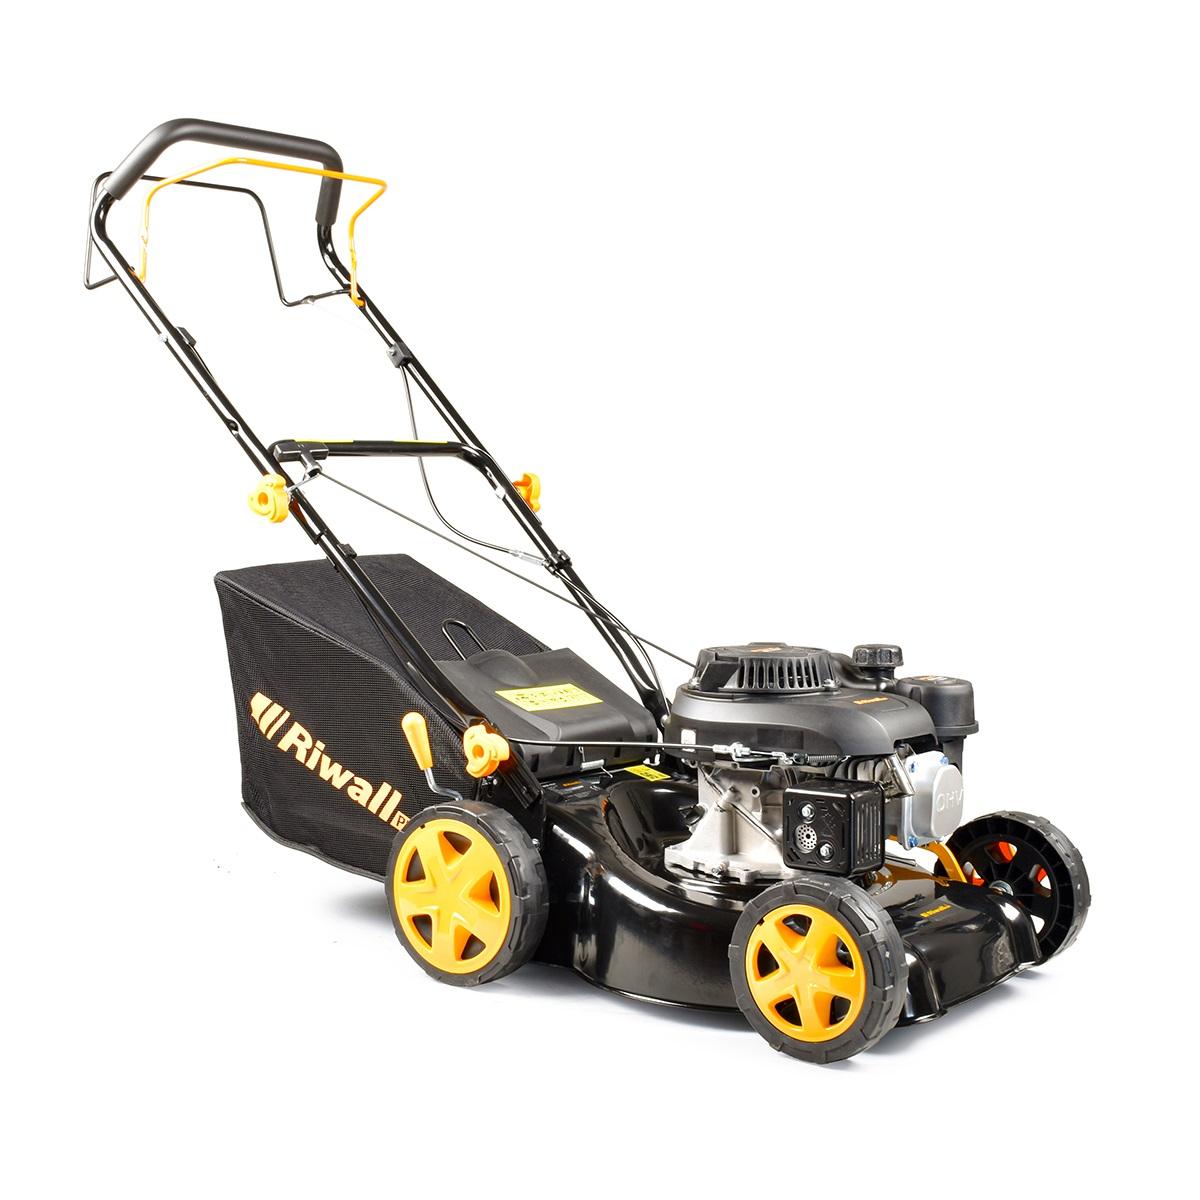 Riwall PRO RPM 4234, multifunkčna trávna kosačka 2 v 1 s benzínovým motorom